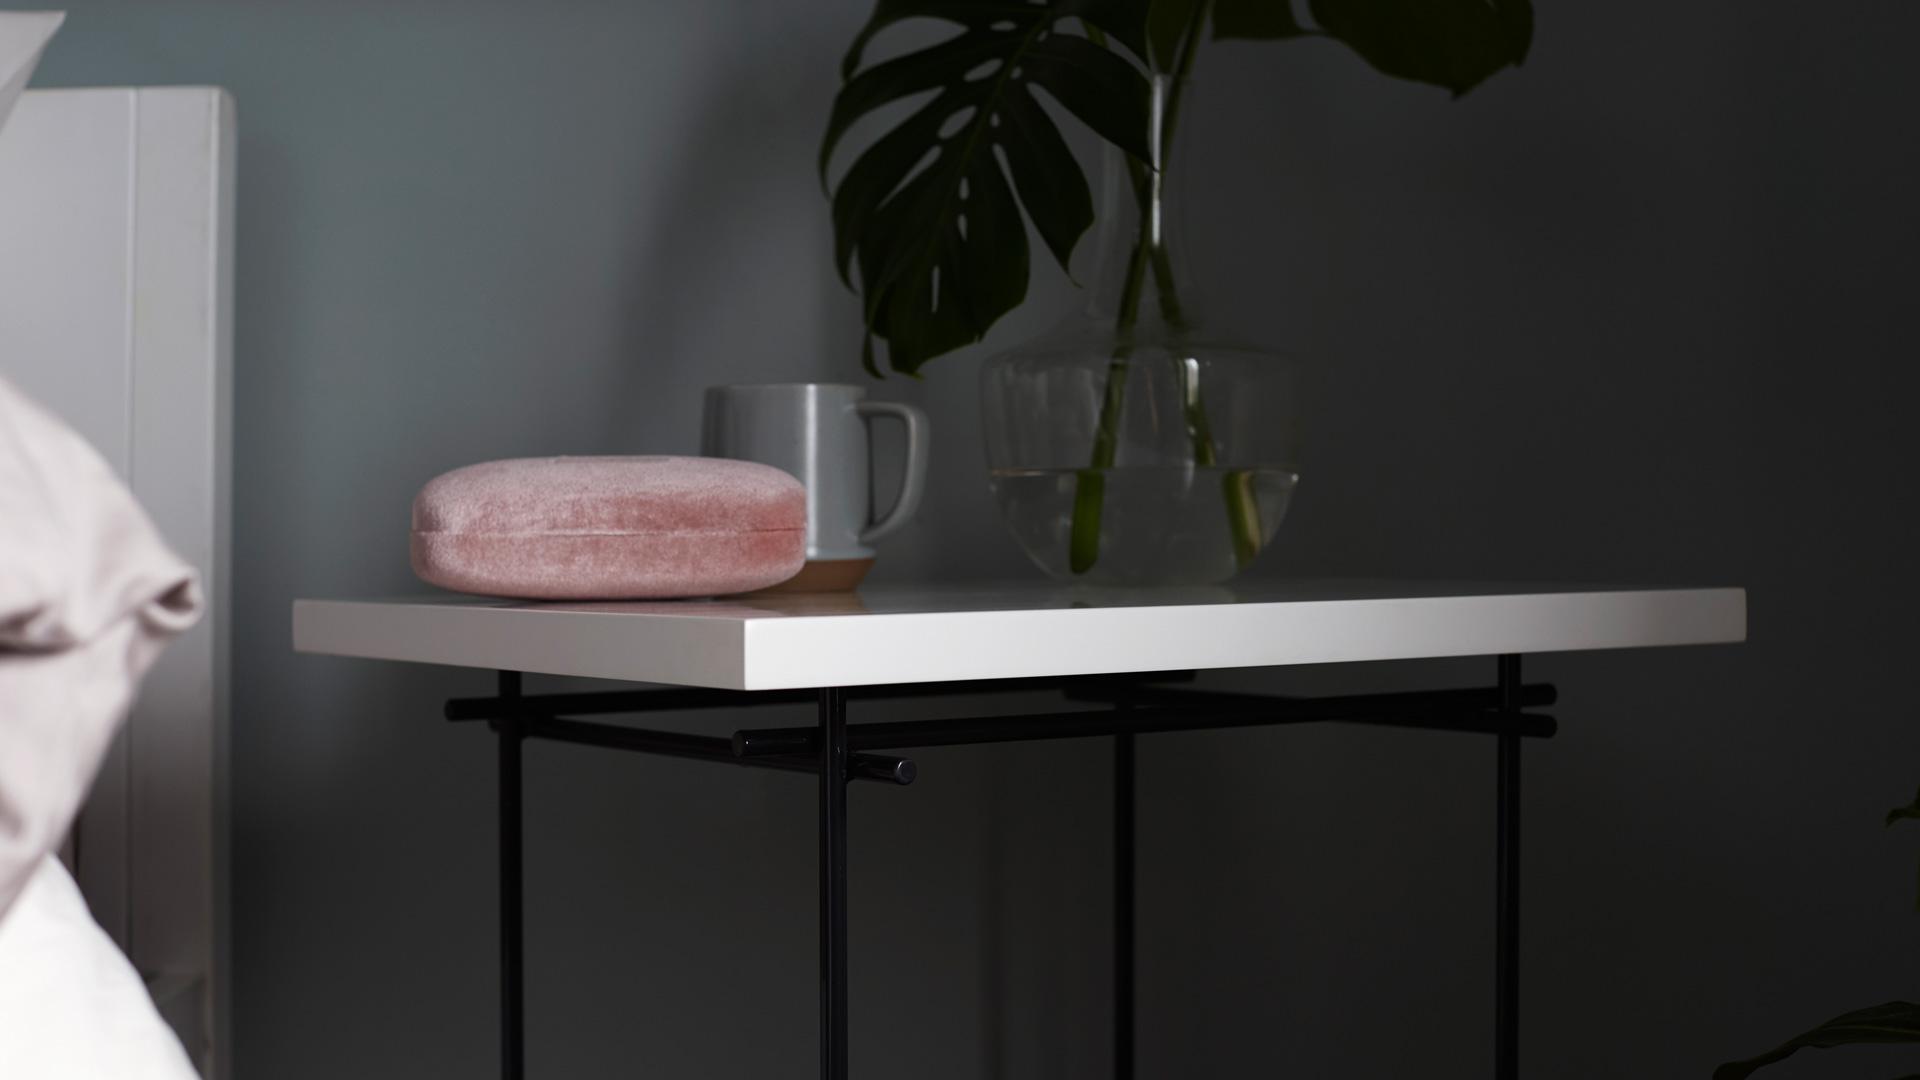 一个桌几三重变化,适应不同床高的轻灵小桌,让床体、衣柜累加厚重的卧室,吐气轻盈。?x-oss-process=image/format,jpg/interlace,1